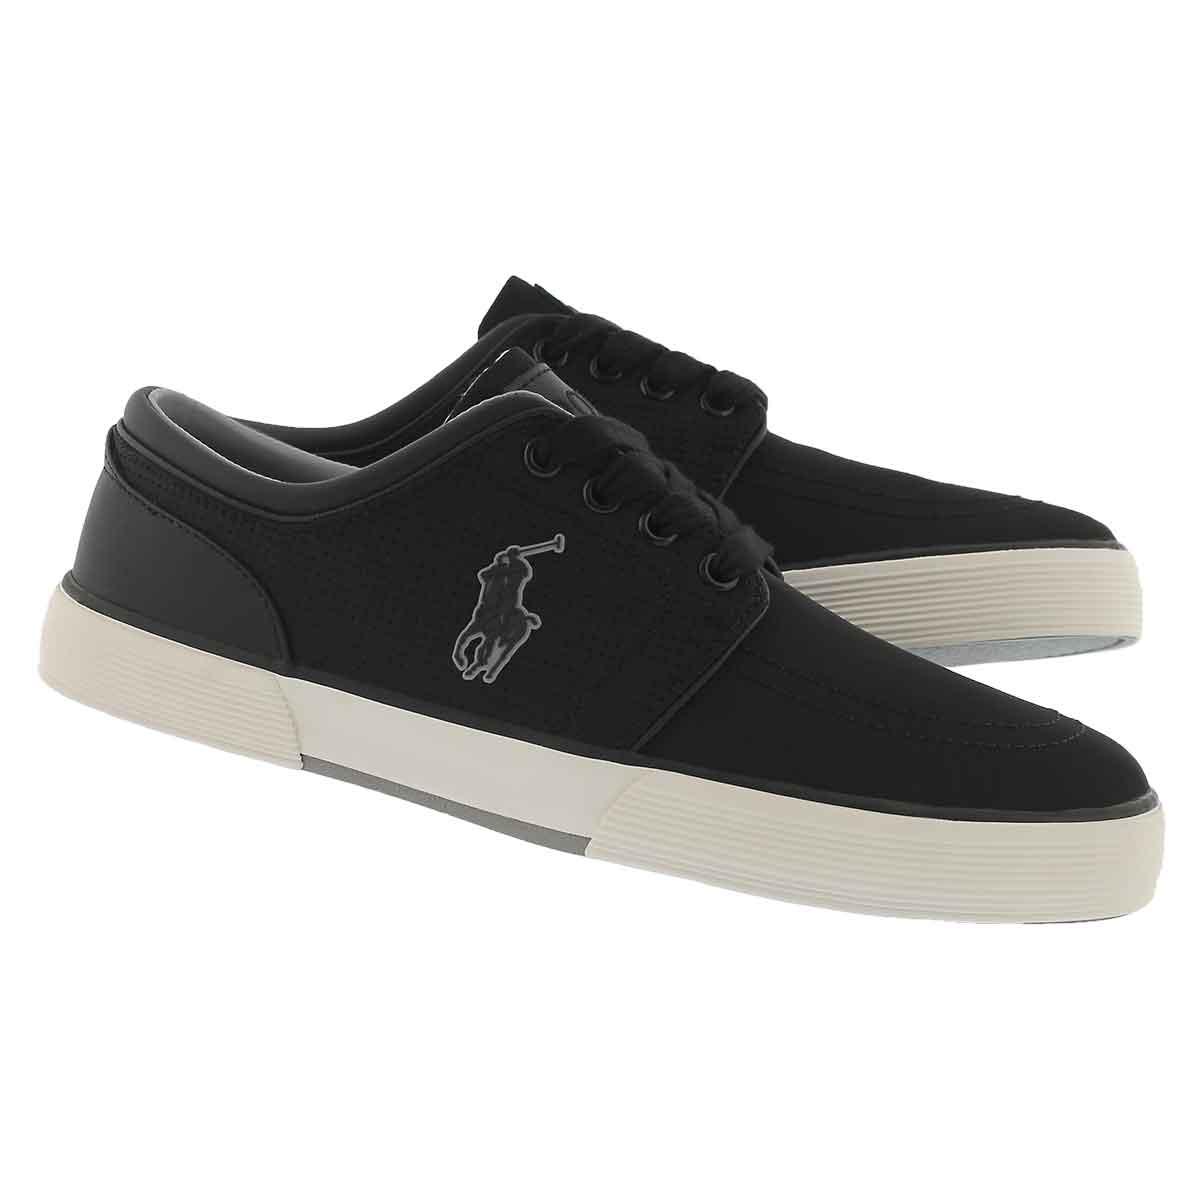 Mns Faxon Low black matte sneaker